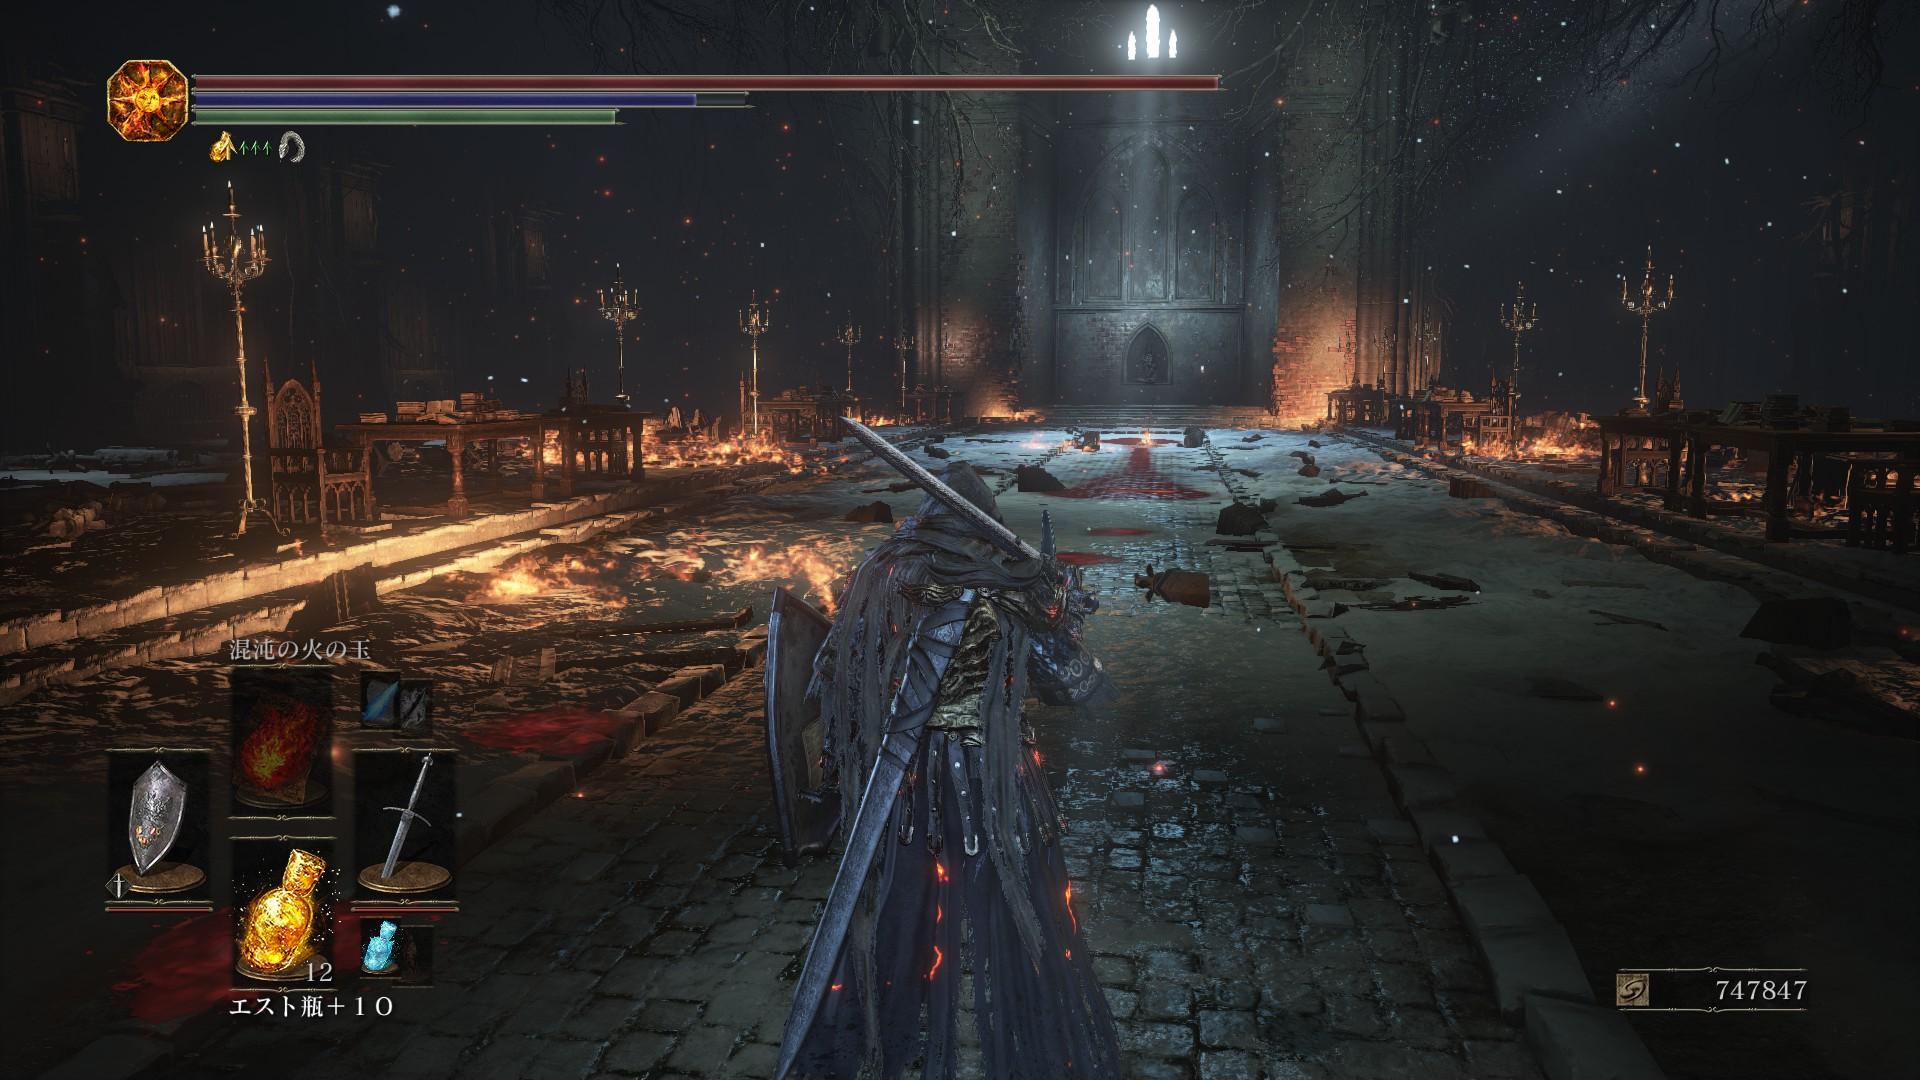 [PCゲーム]アリアンデル絵画世界の迷子6